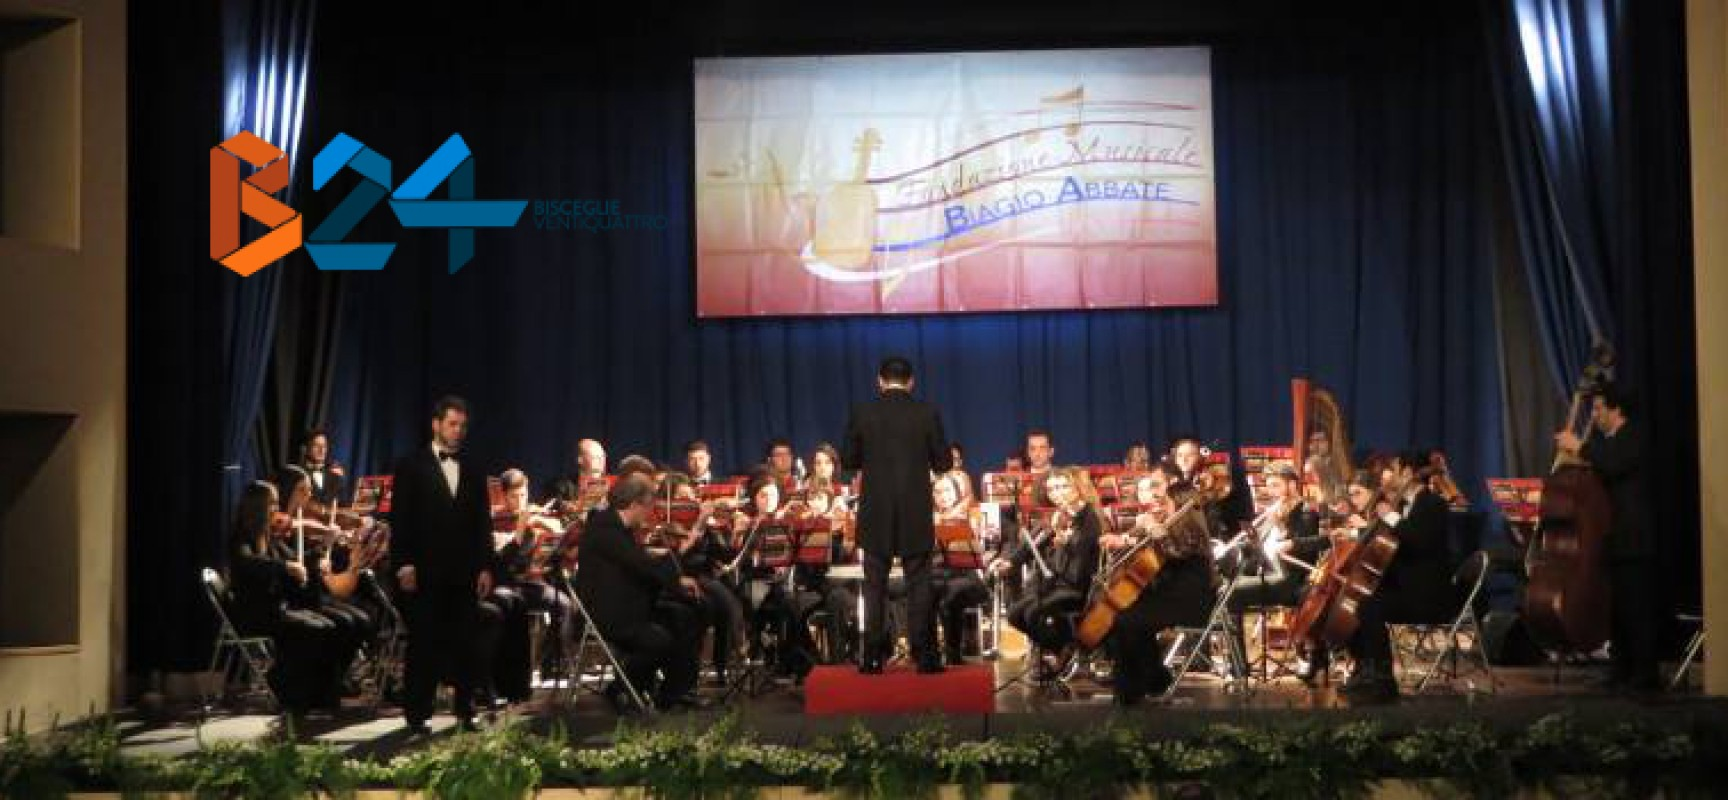 Concerto d'Inverno, l'Orchestra Biagio Abbate coinvolge ed emoziona il pubblico del Politeama / FOTO